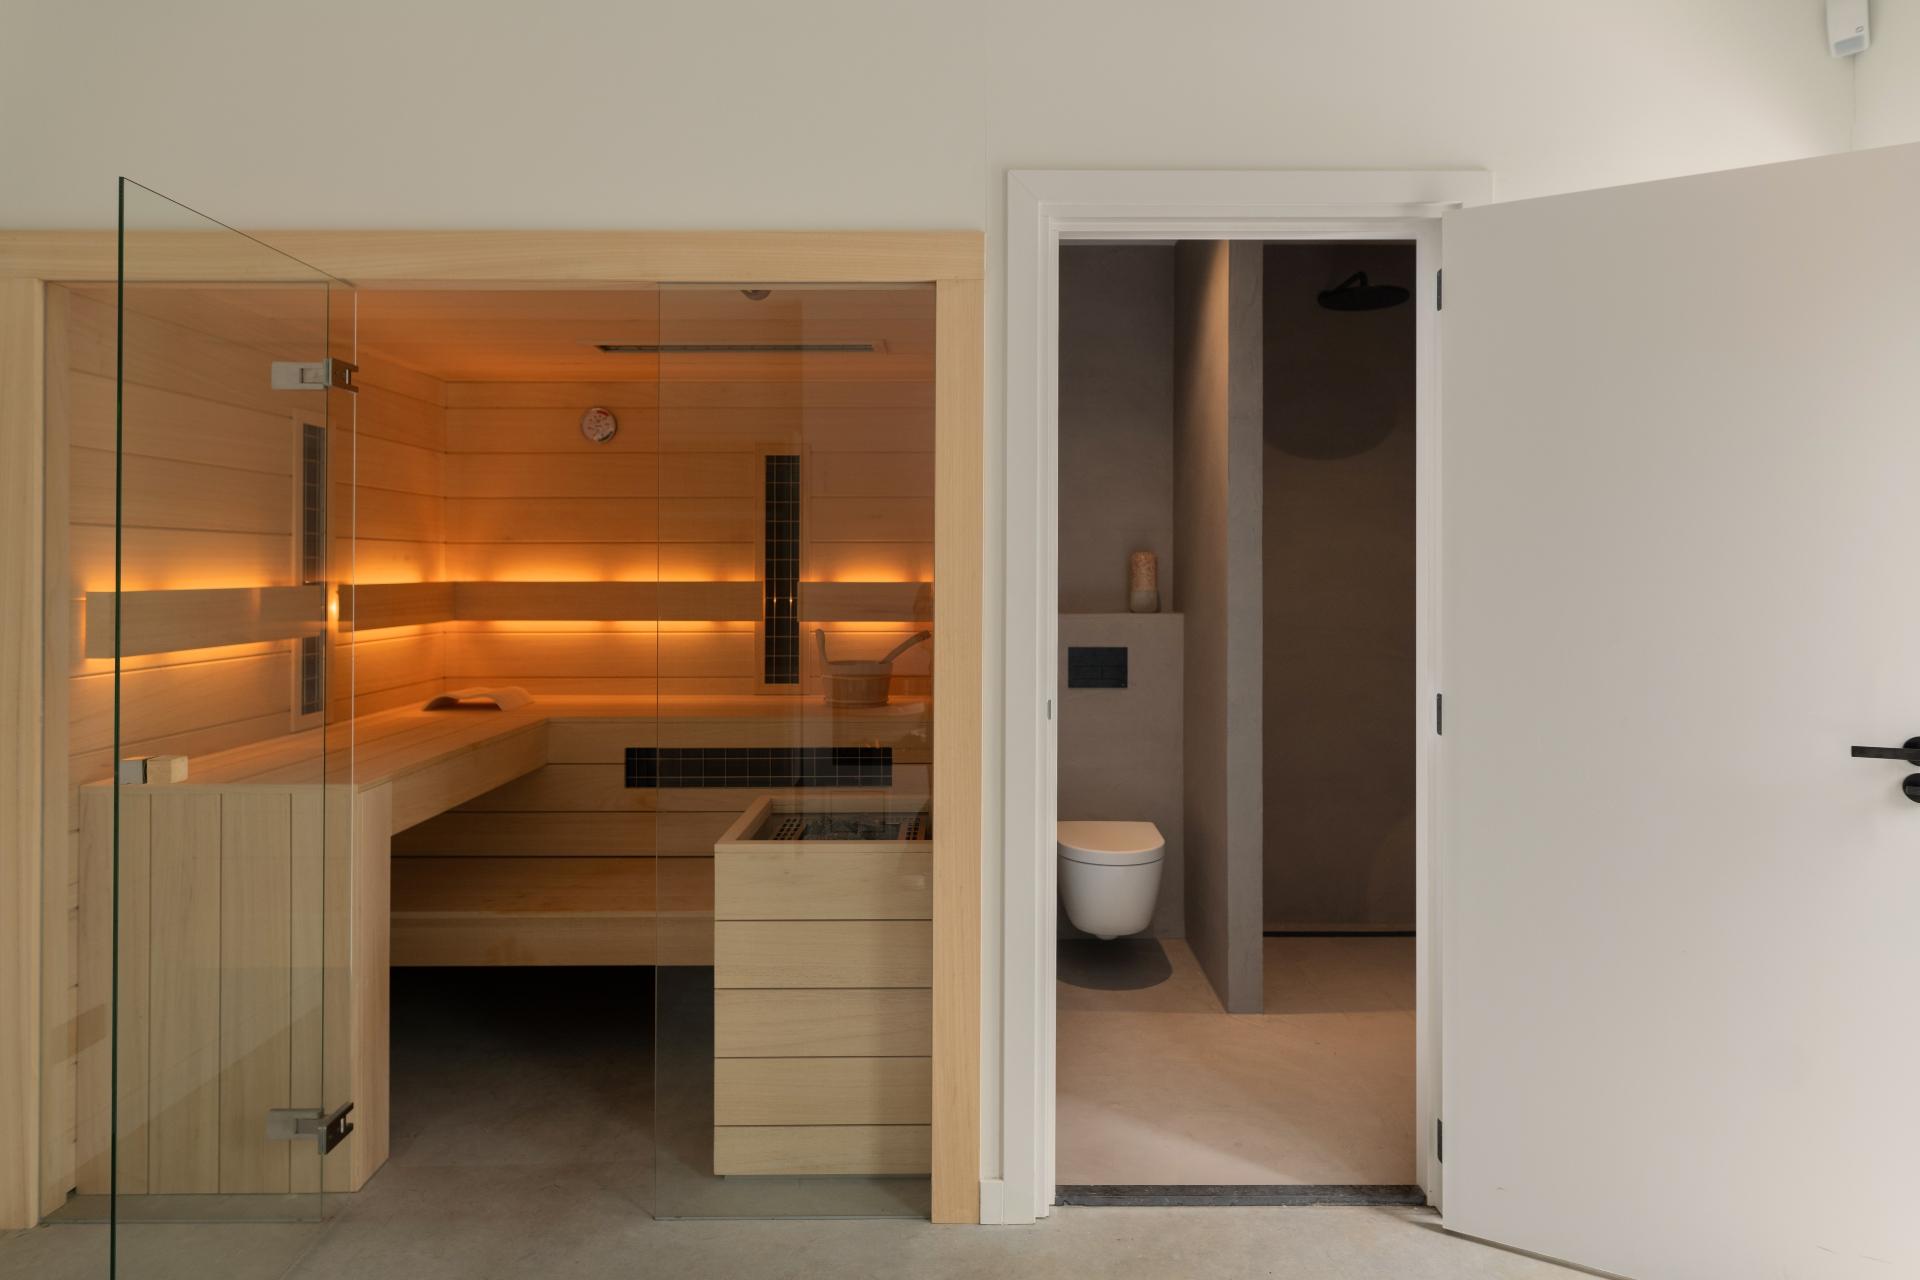 Maatwerk sauna ingebouwd met badkamer in poolhouse